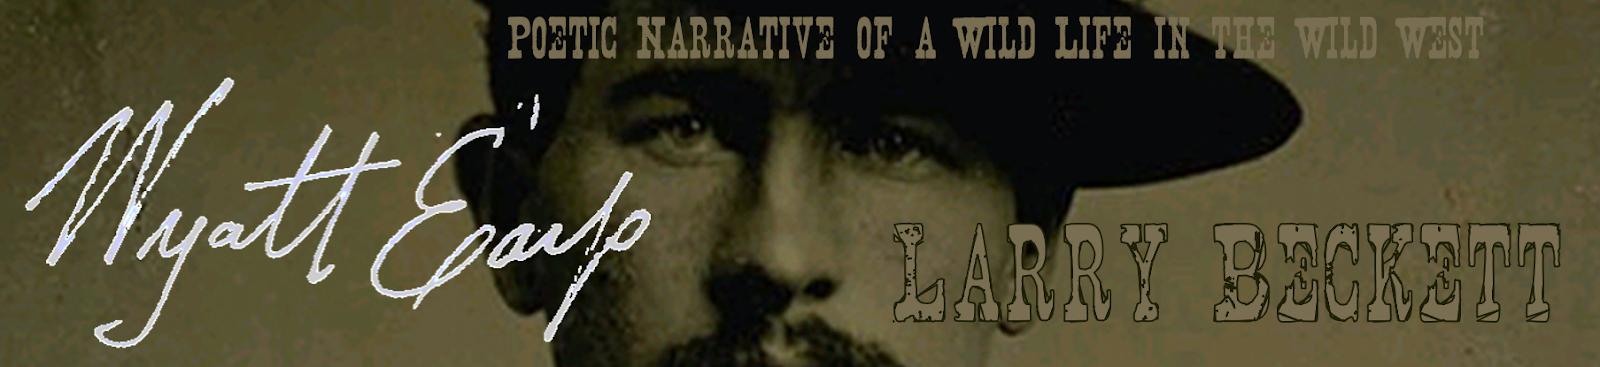 Wyatt Earp header banner